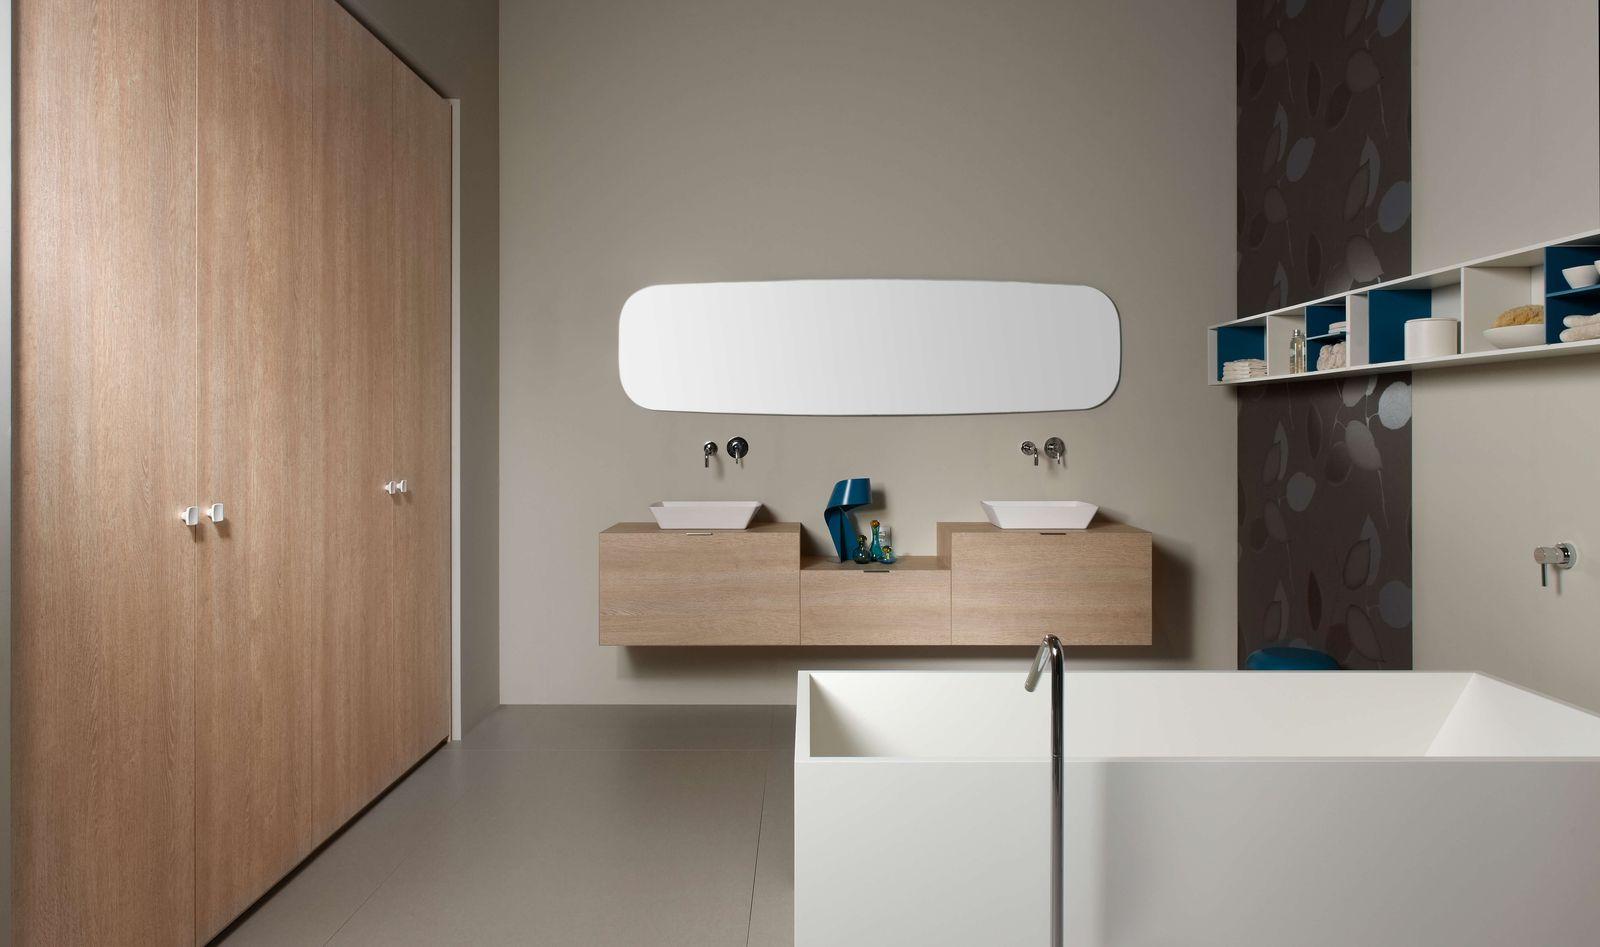 Co co espacios arquitectura de interiores muebles de Diseno de interiores san sebastian